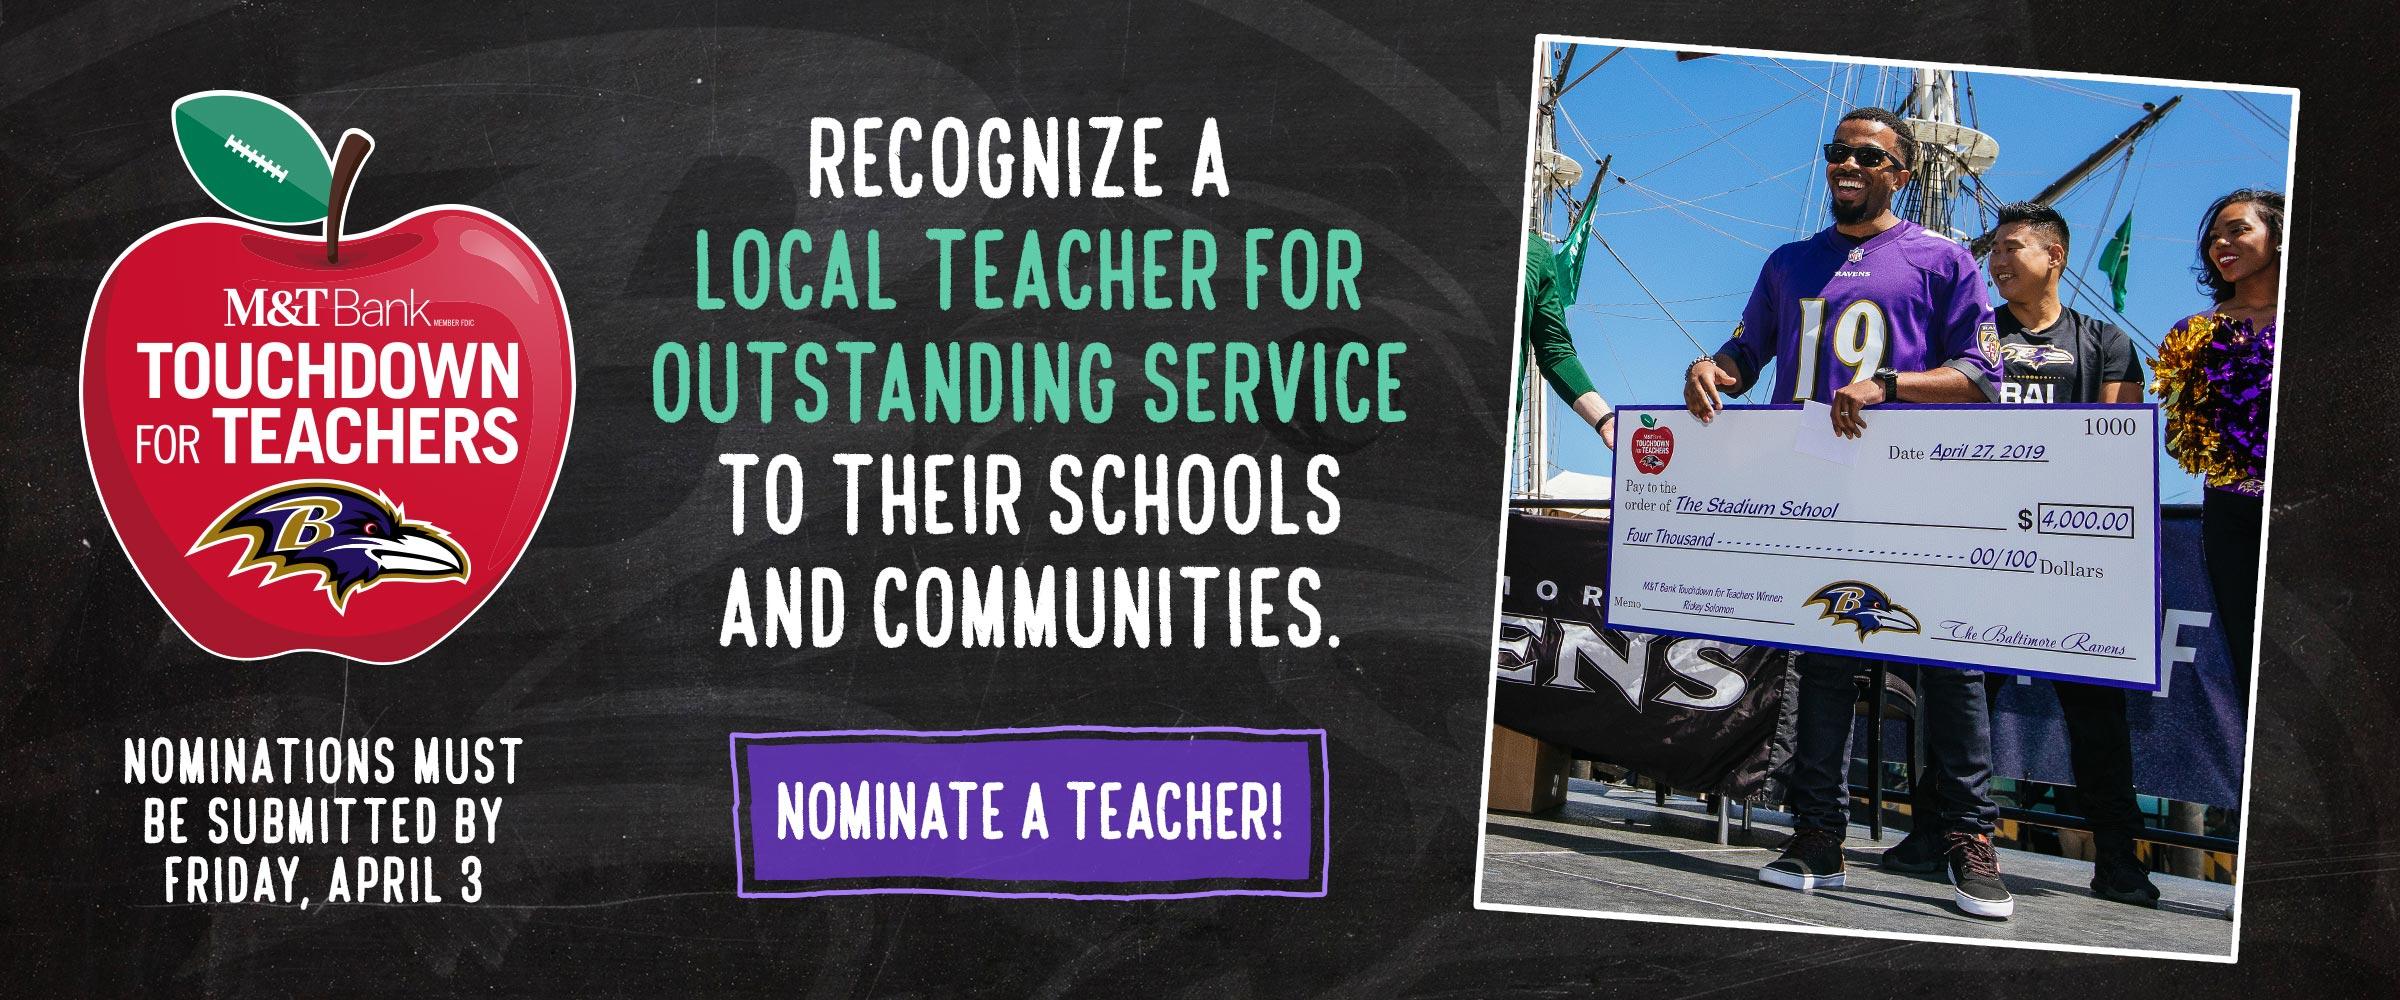 Nominate a teacher